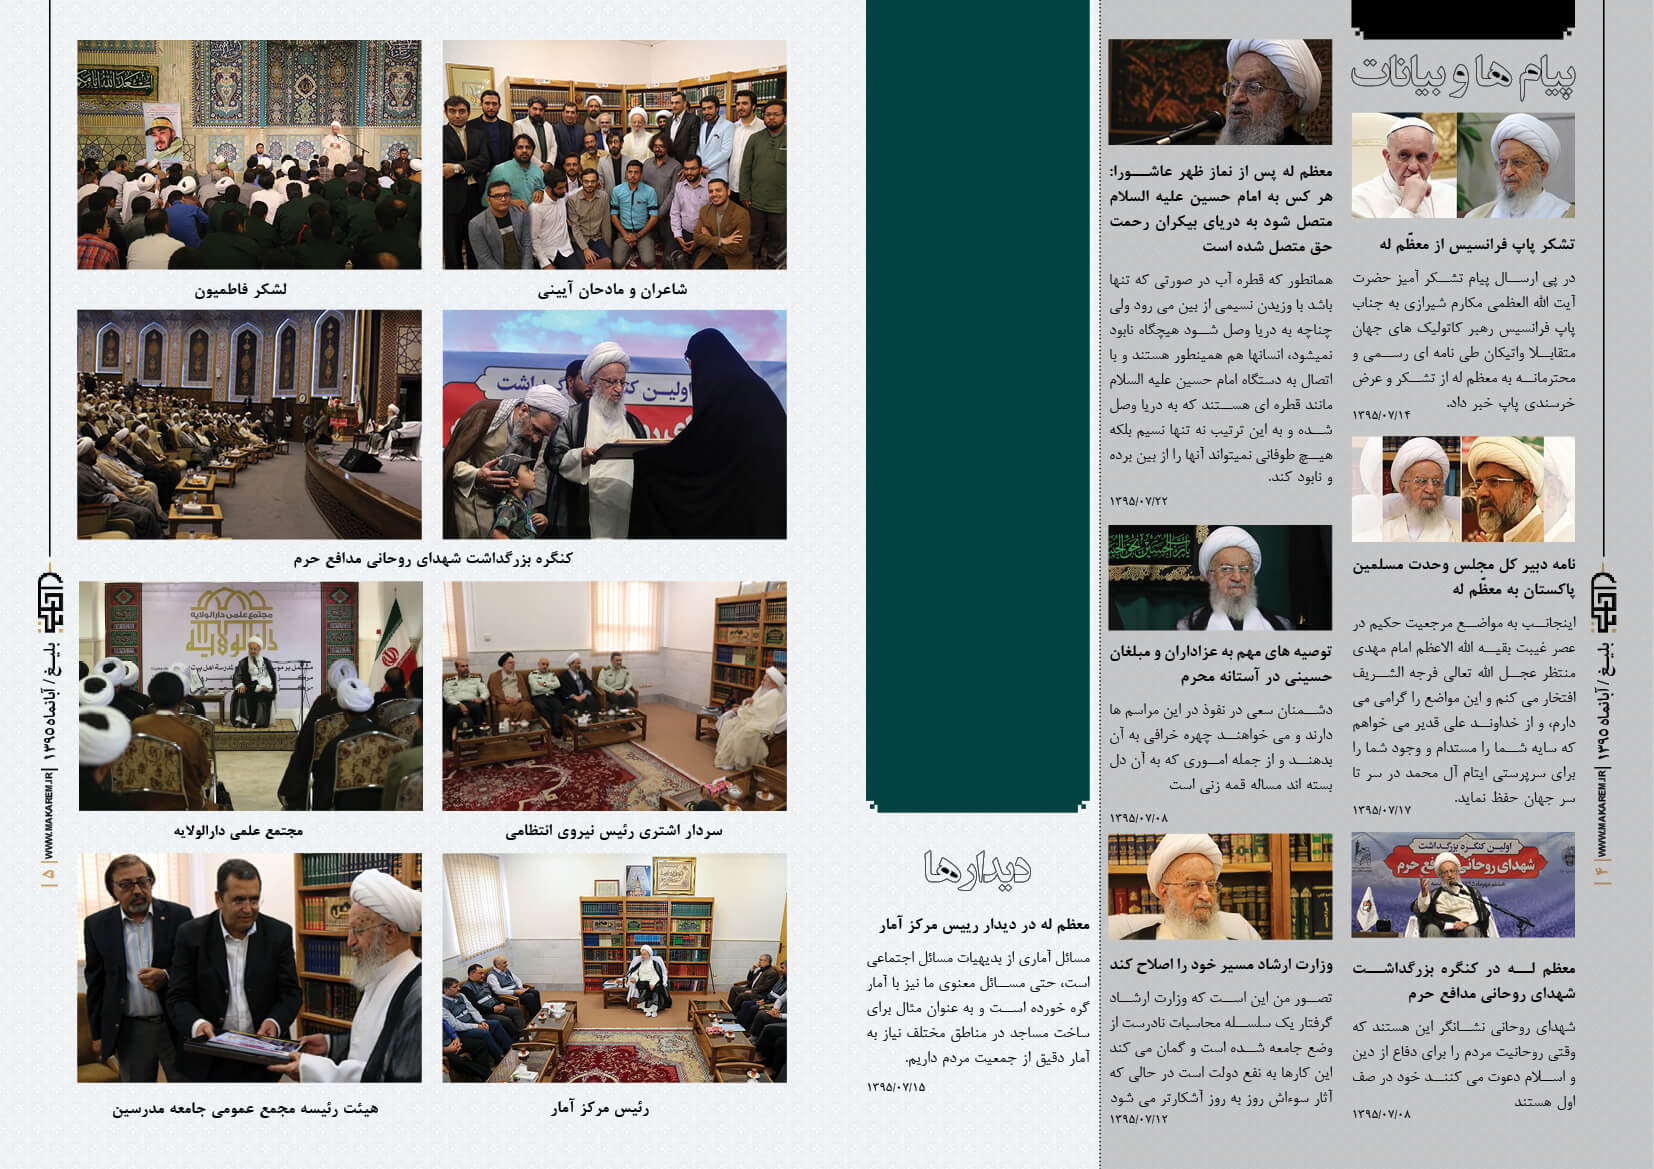 پیام ها و بیانات - دیدار ها-مدرسه الامام امیر المومنین (ع)